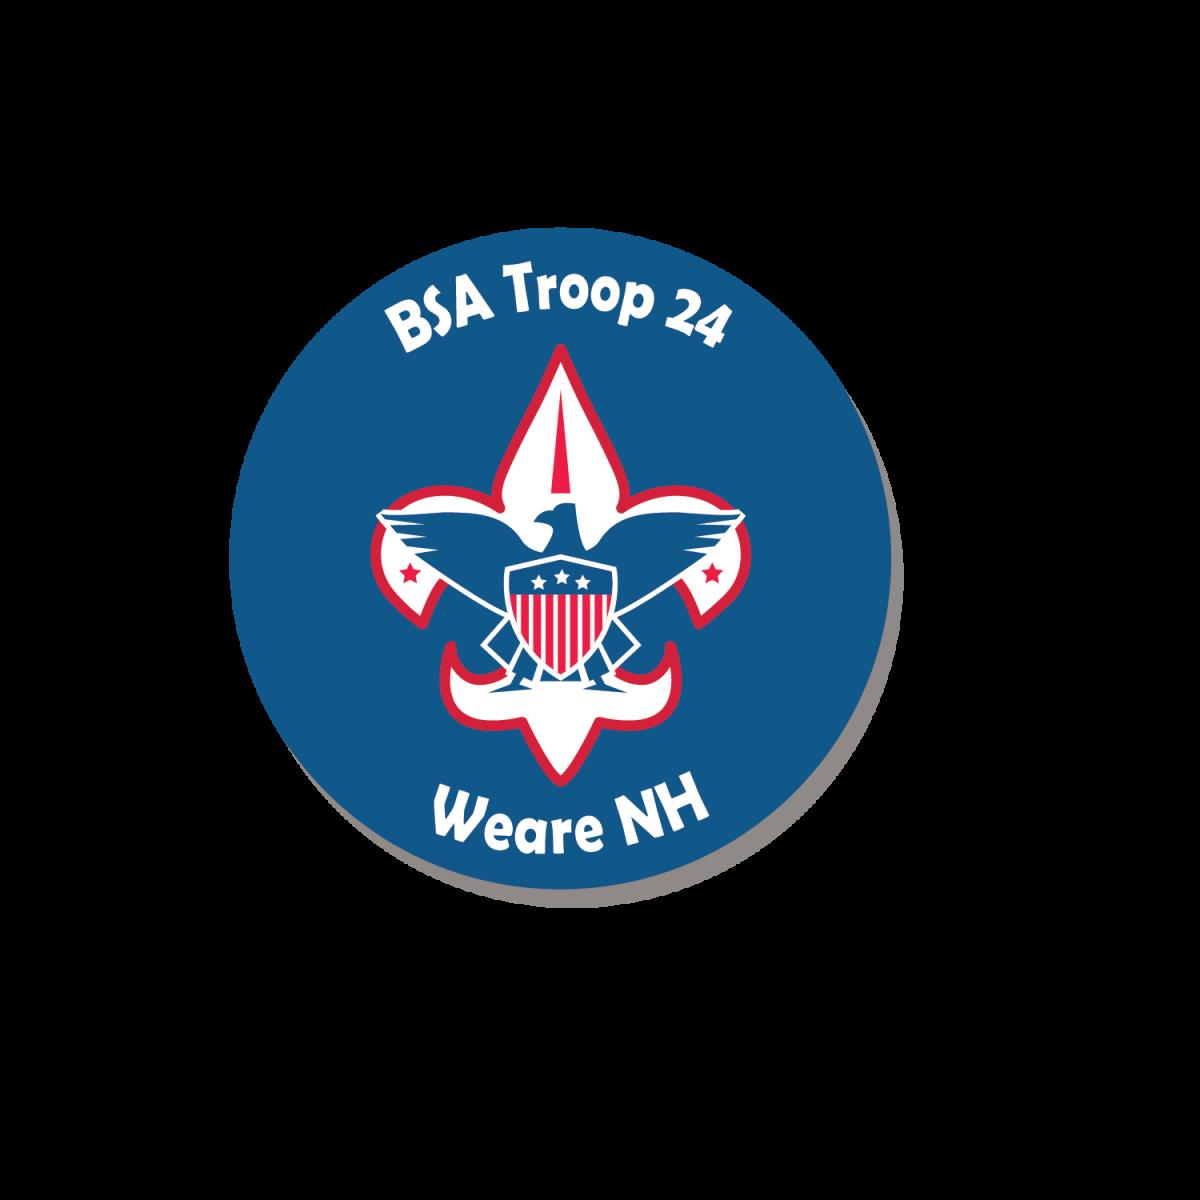 Boy Scout Troop Logo